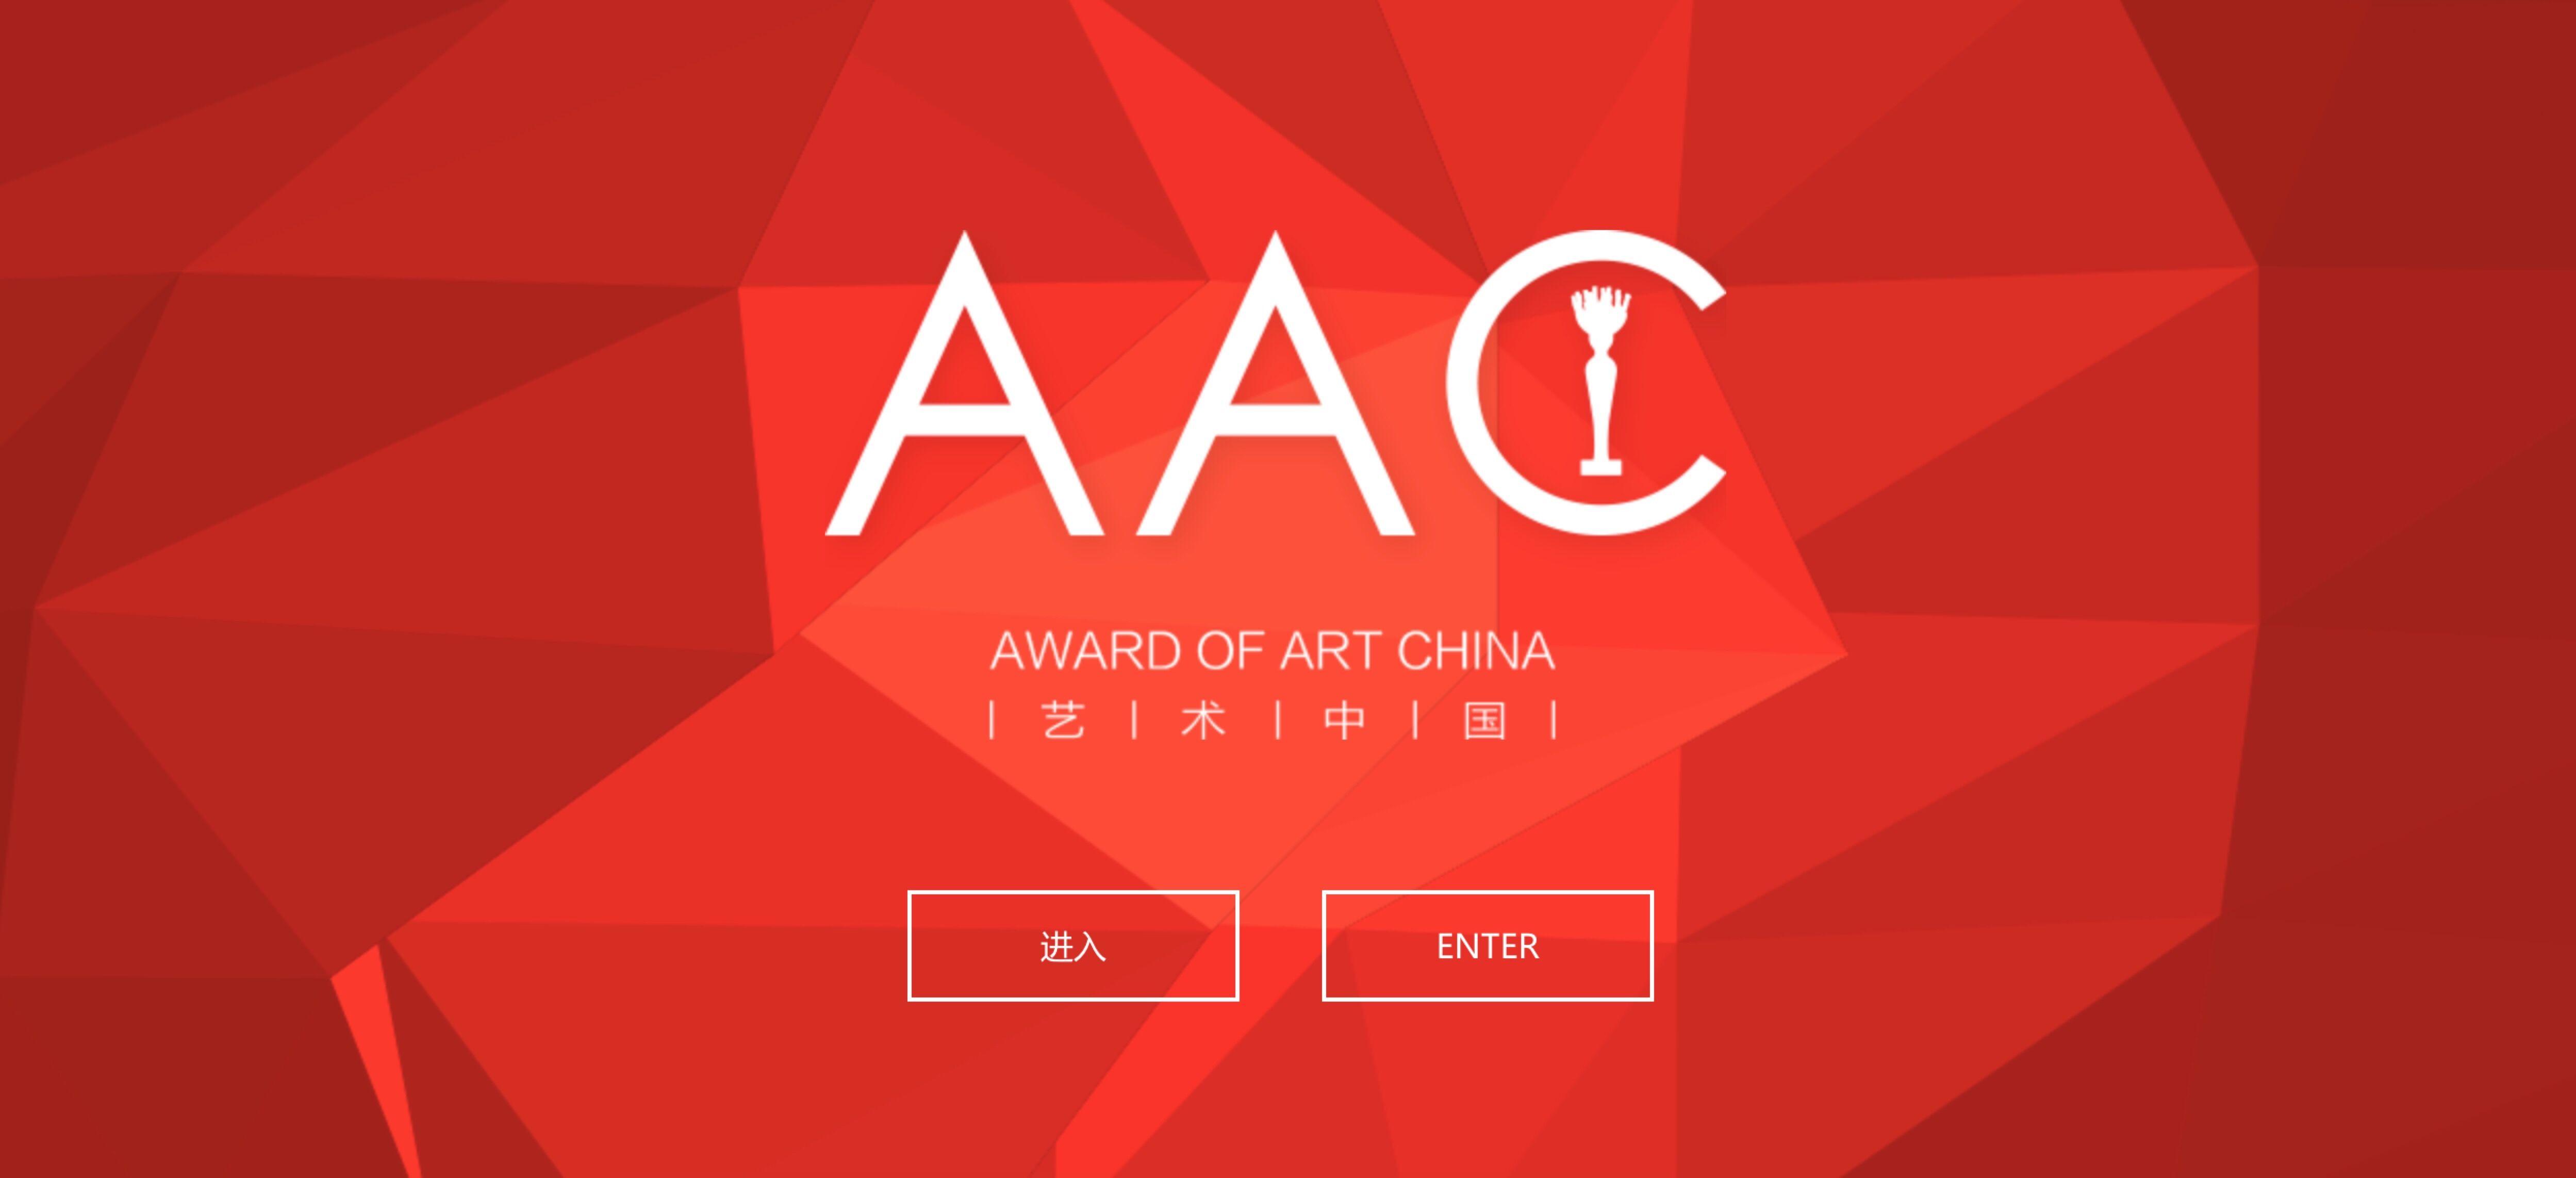 历届AAC艺术中国年度影响力评选获奖名单